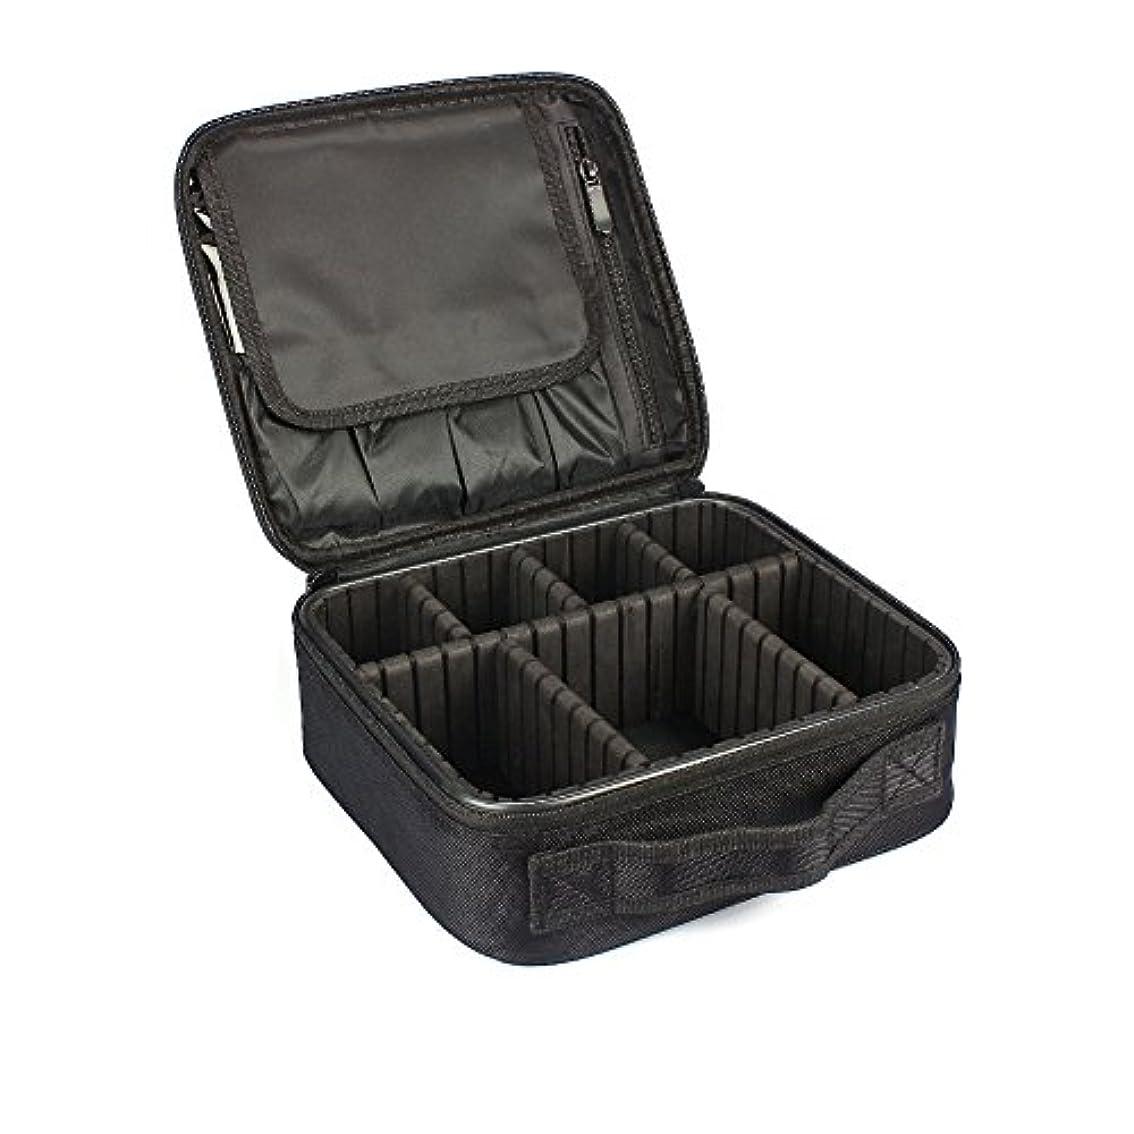 メロディアス実行可能穏やかなMIRAISZ プロ用 メイクボックス 高品質 多機能 多容量 メイクブラシバッグ 収納ケース スーツケース?トラベルバッグ 化粧バッグ メイクブラシ 化粧道具 小物入れ (MINI)